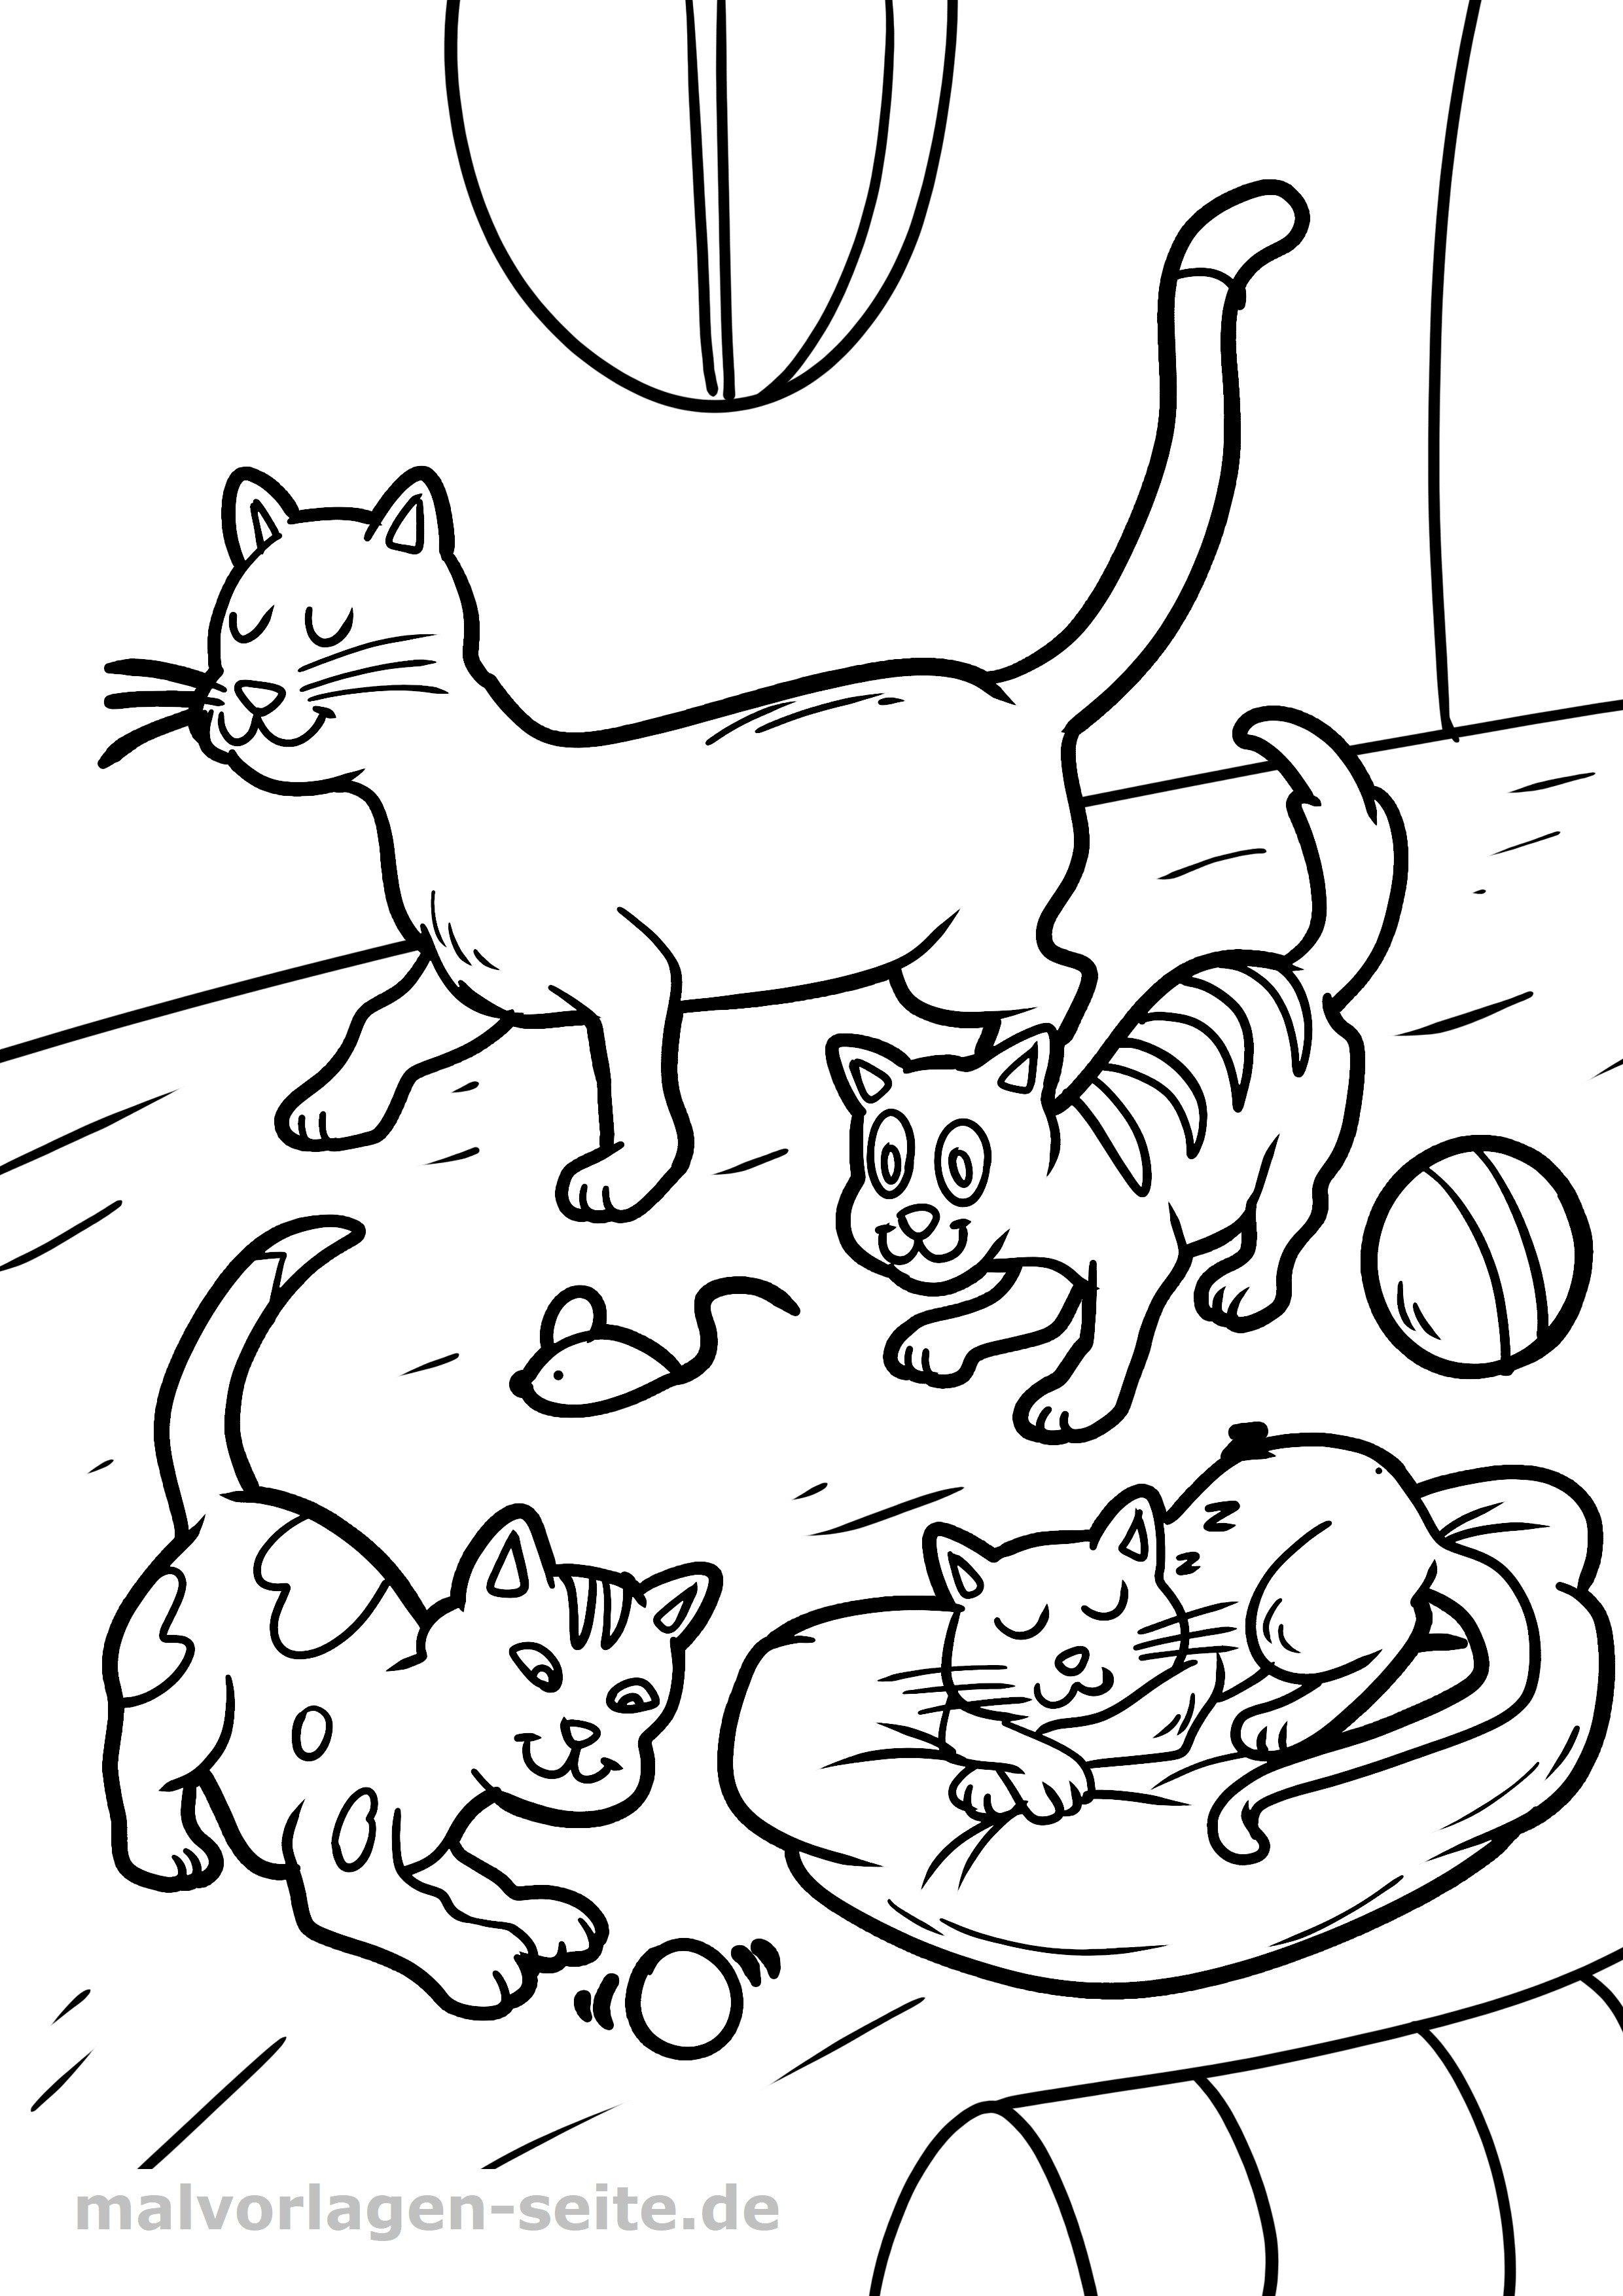 Malvorlage Katze Gratis Malvorlagen Zum Download